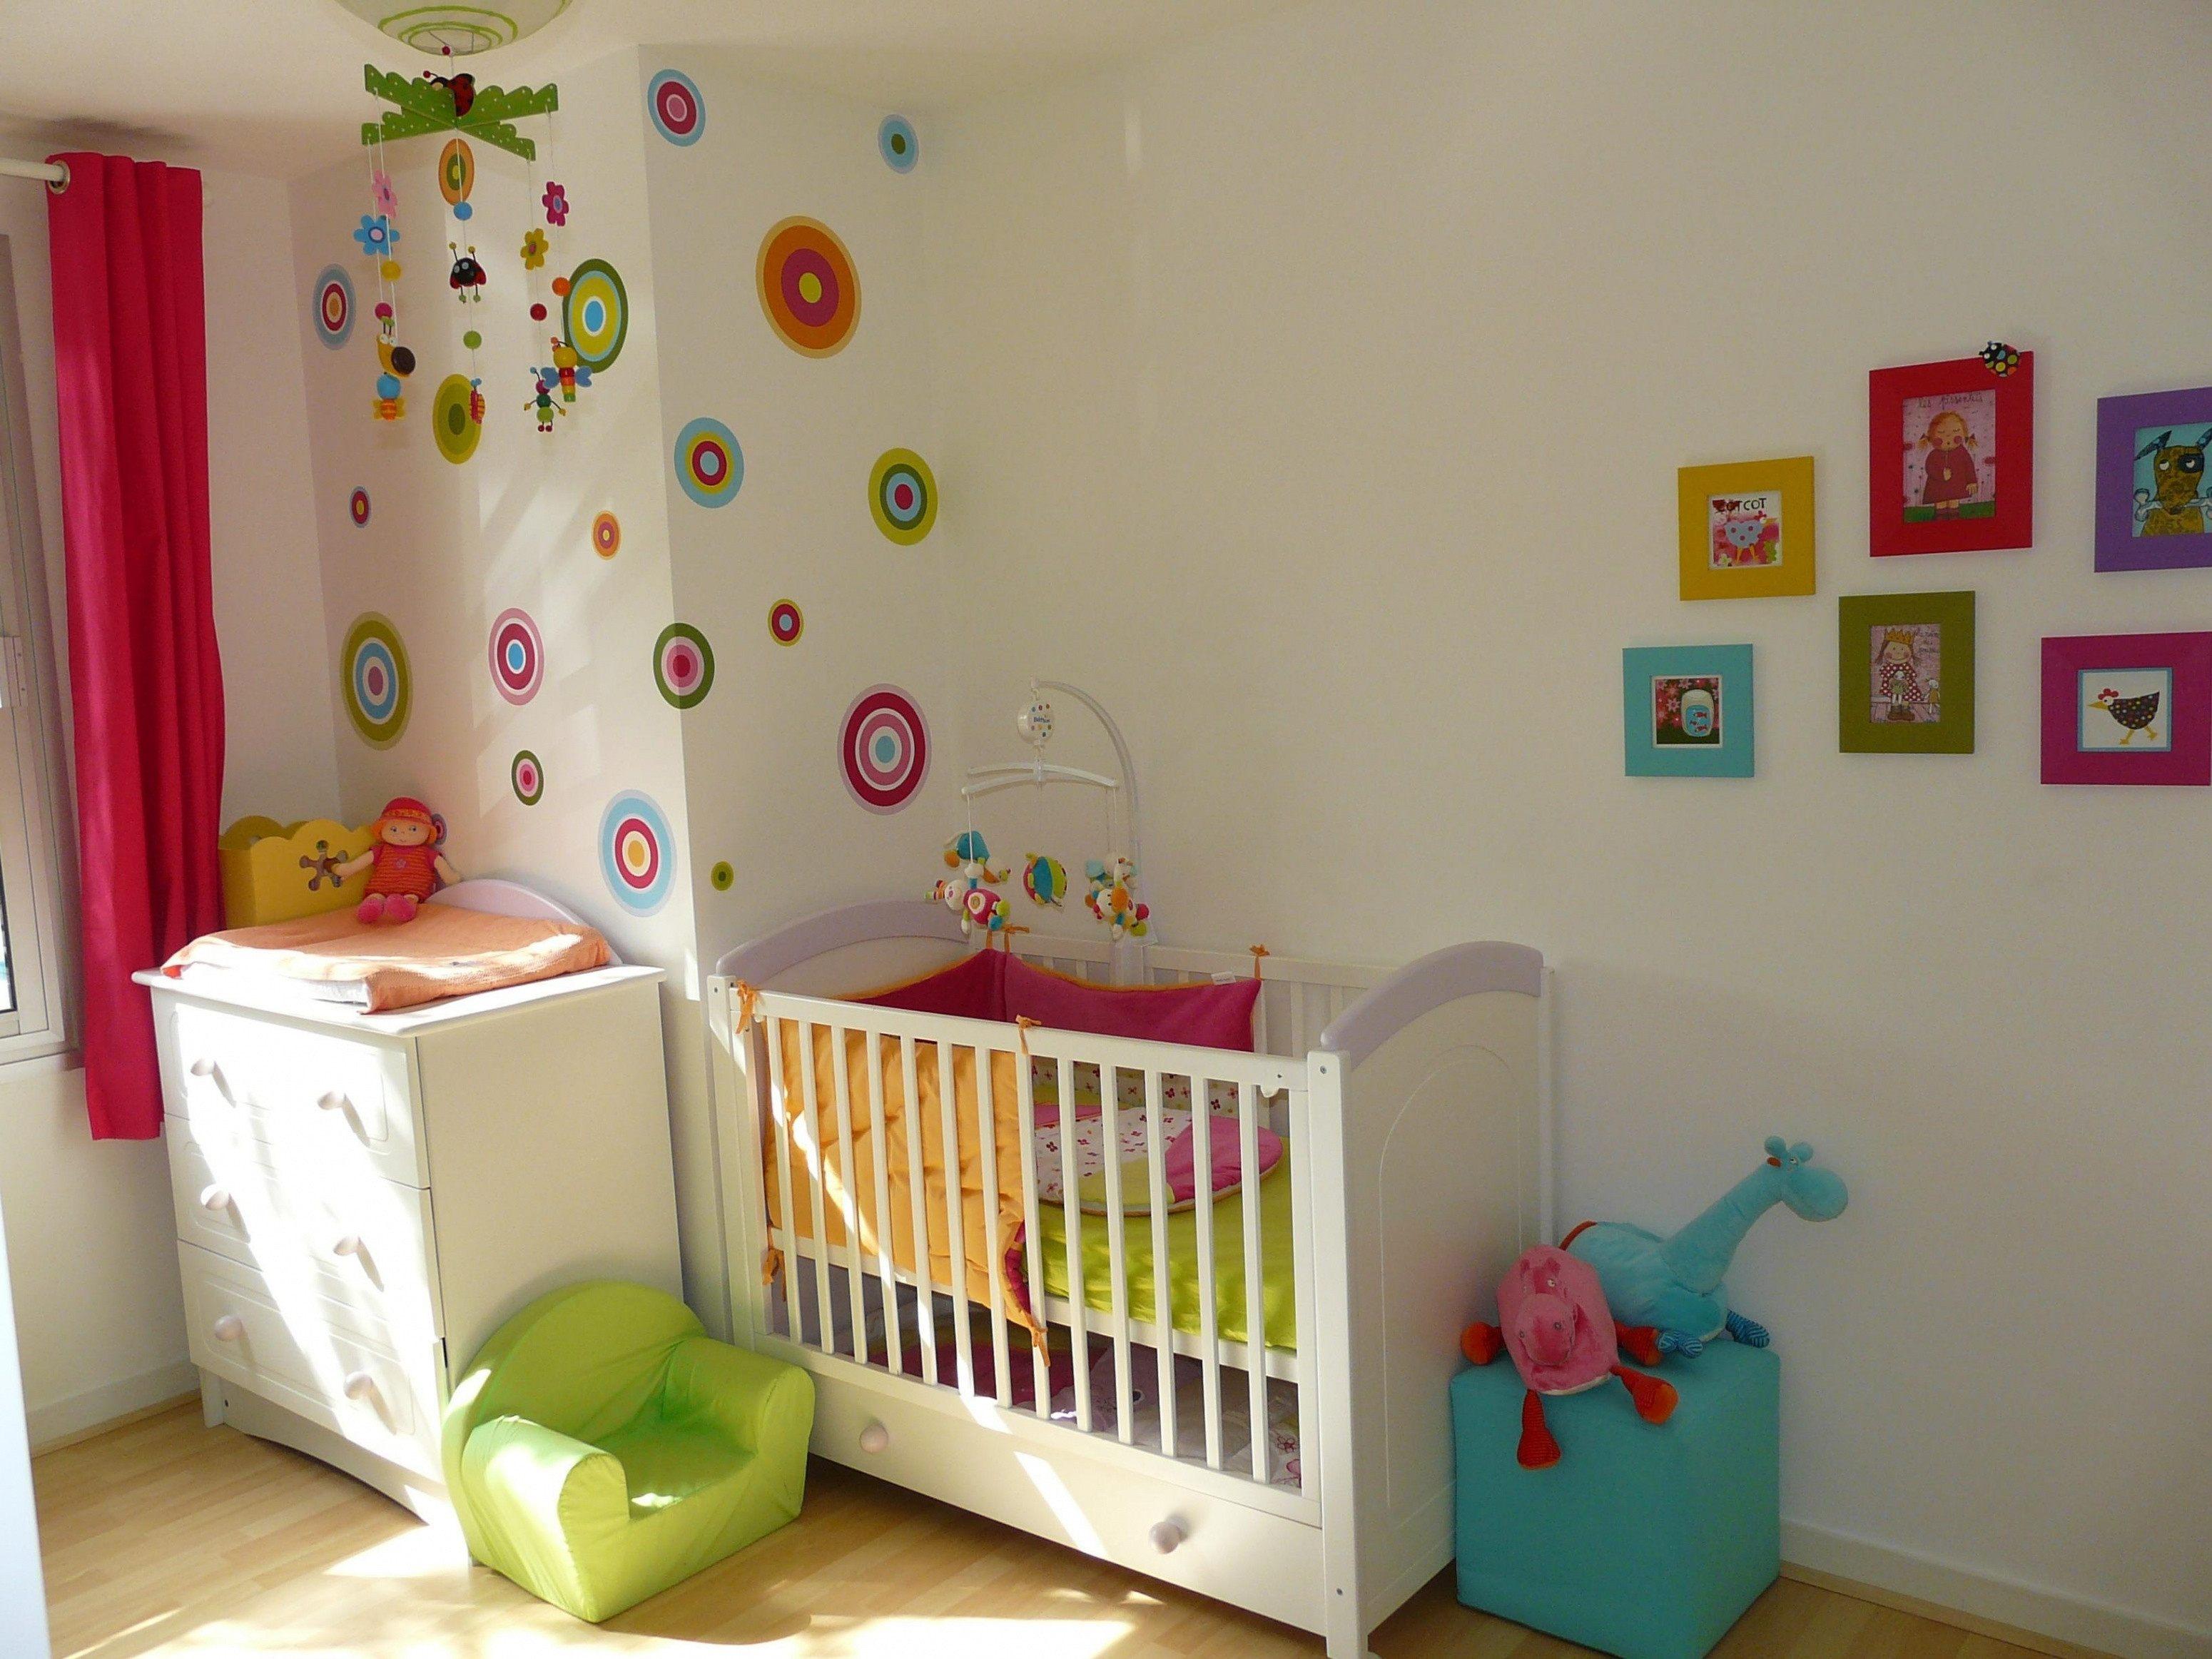 Moustiquaire Lit Bébé Ikea Meilleur De 25 Image Ciel De Lit Bébé Gar§on Edayoneapp